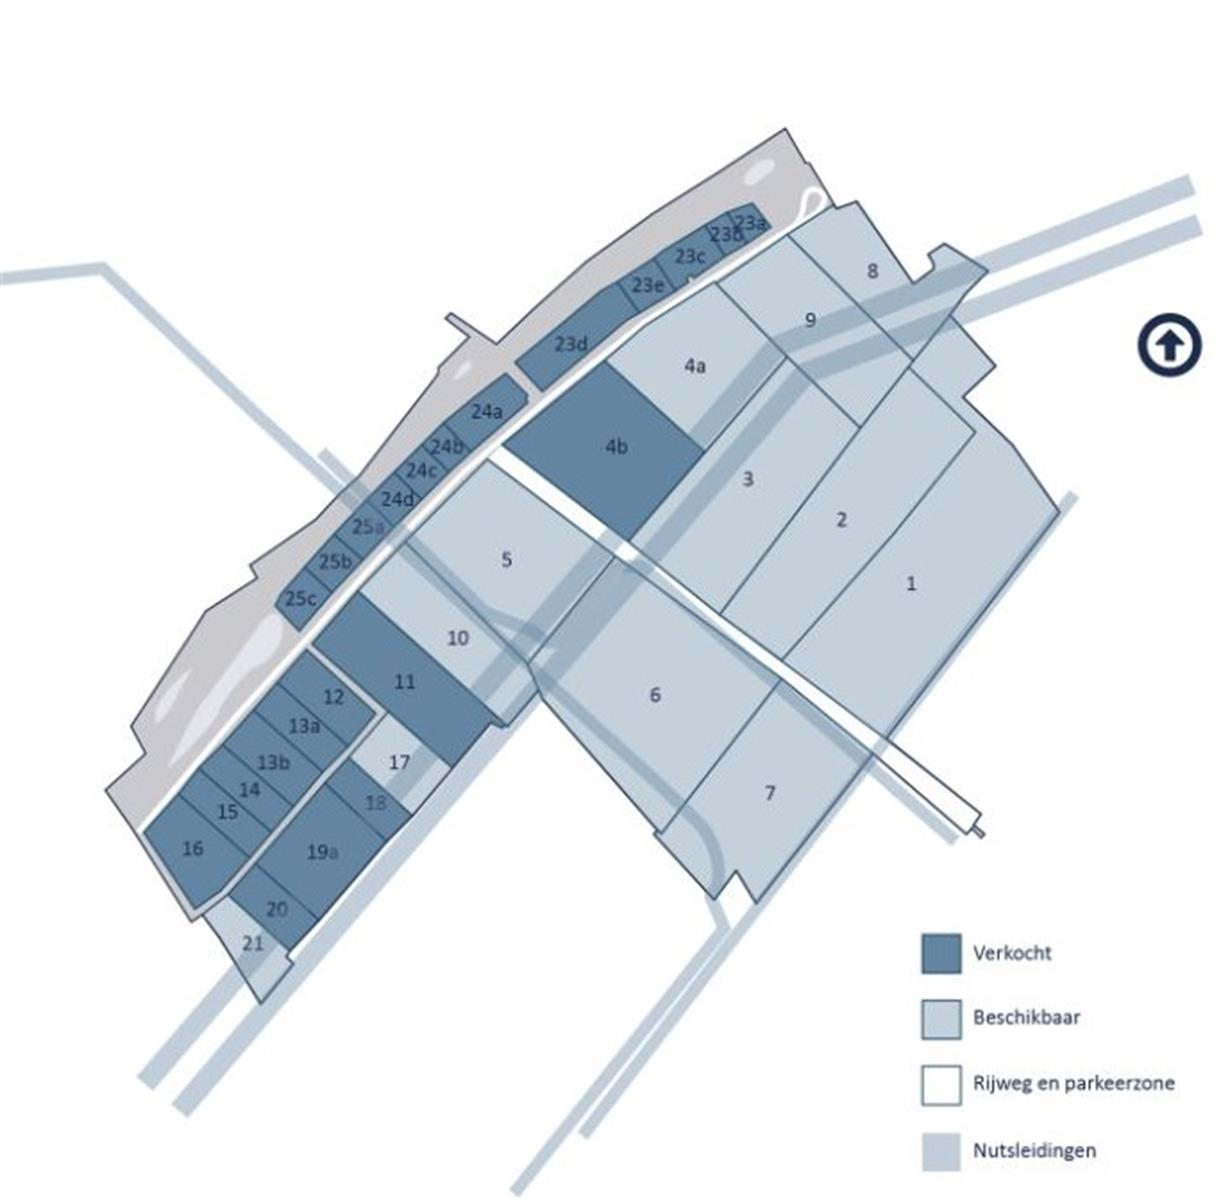 Industrieel terrein te koop Perceel 1 - Langerbruggekaai , 9000 Gent, België 3